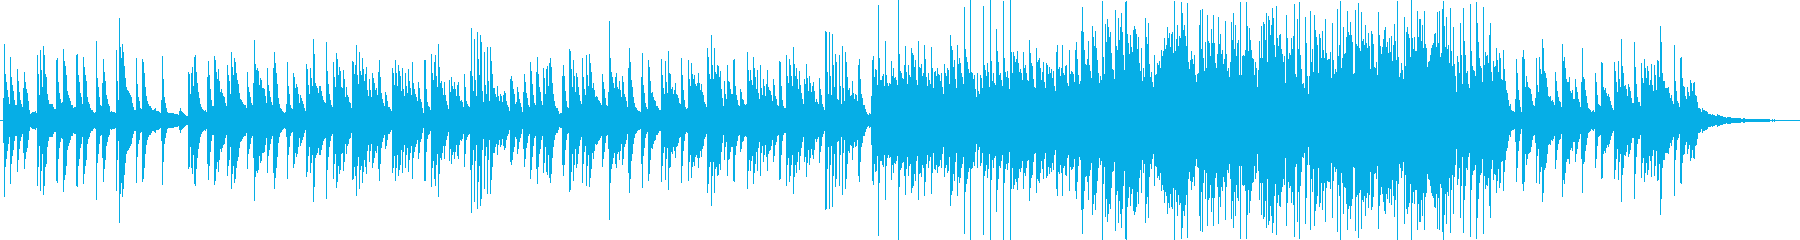 回想シーンを語り合うの再生済みの波形